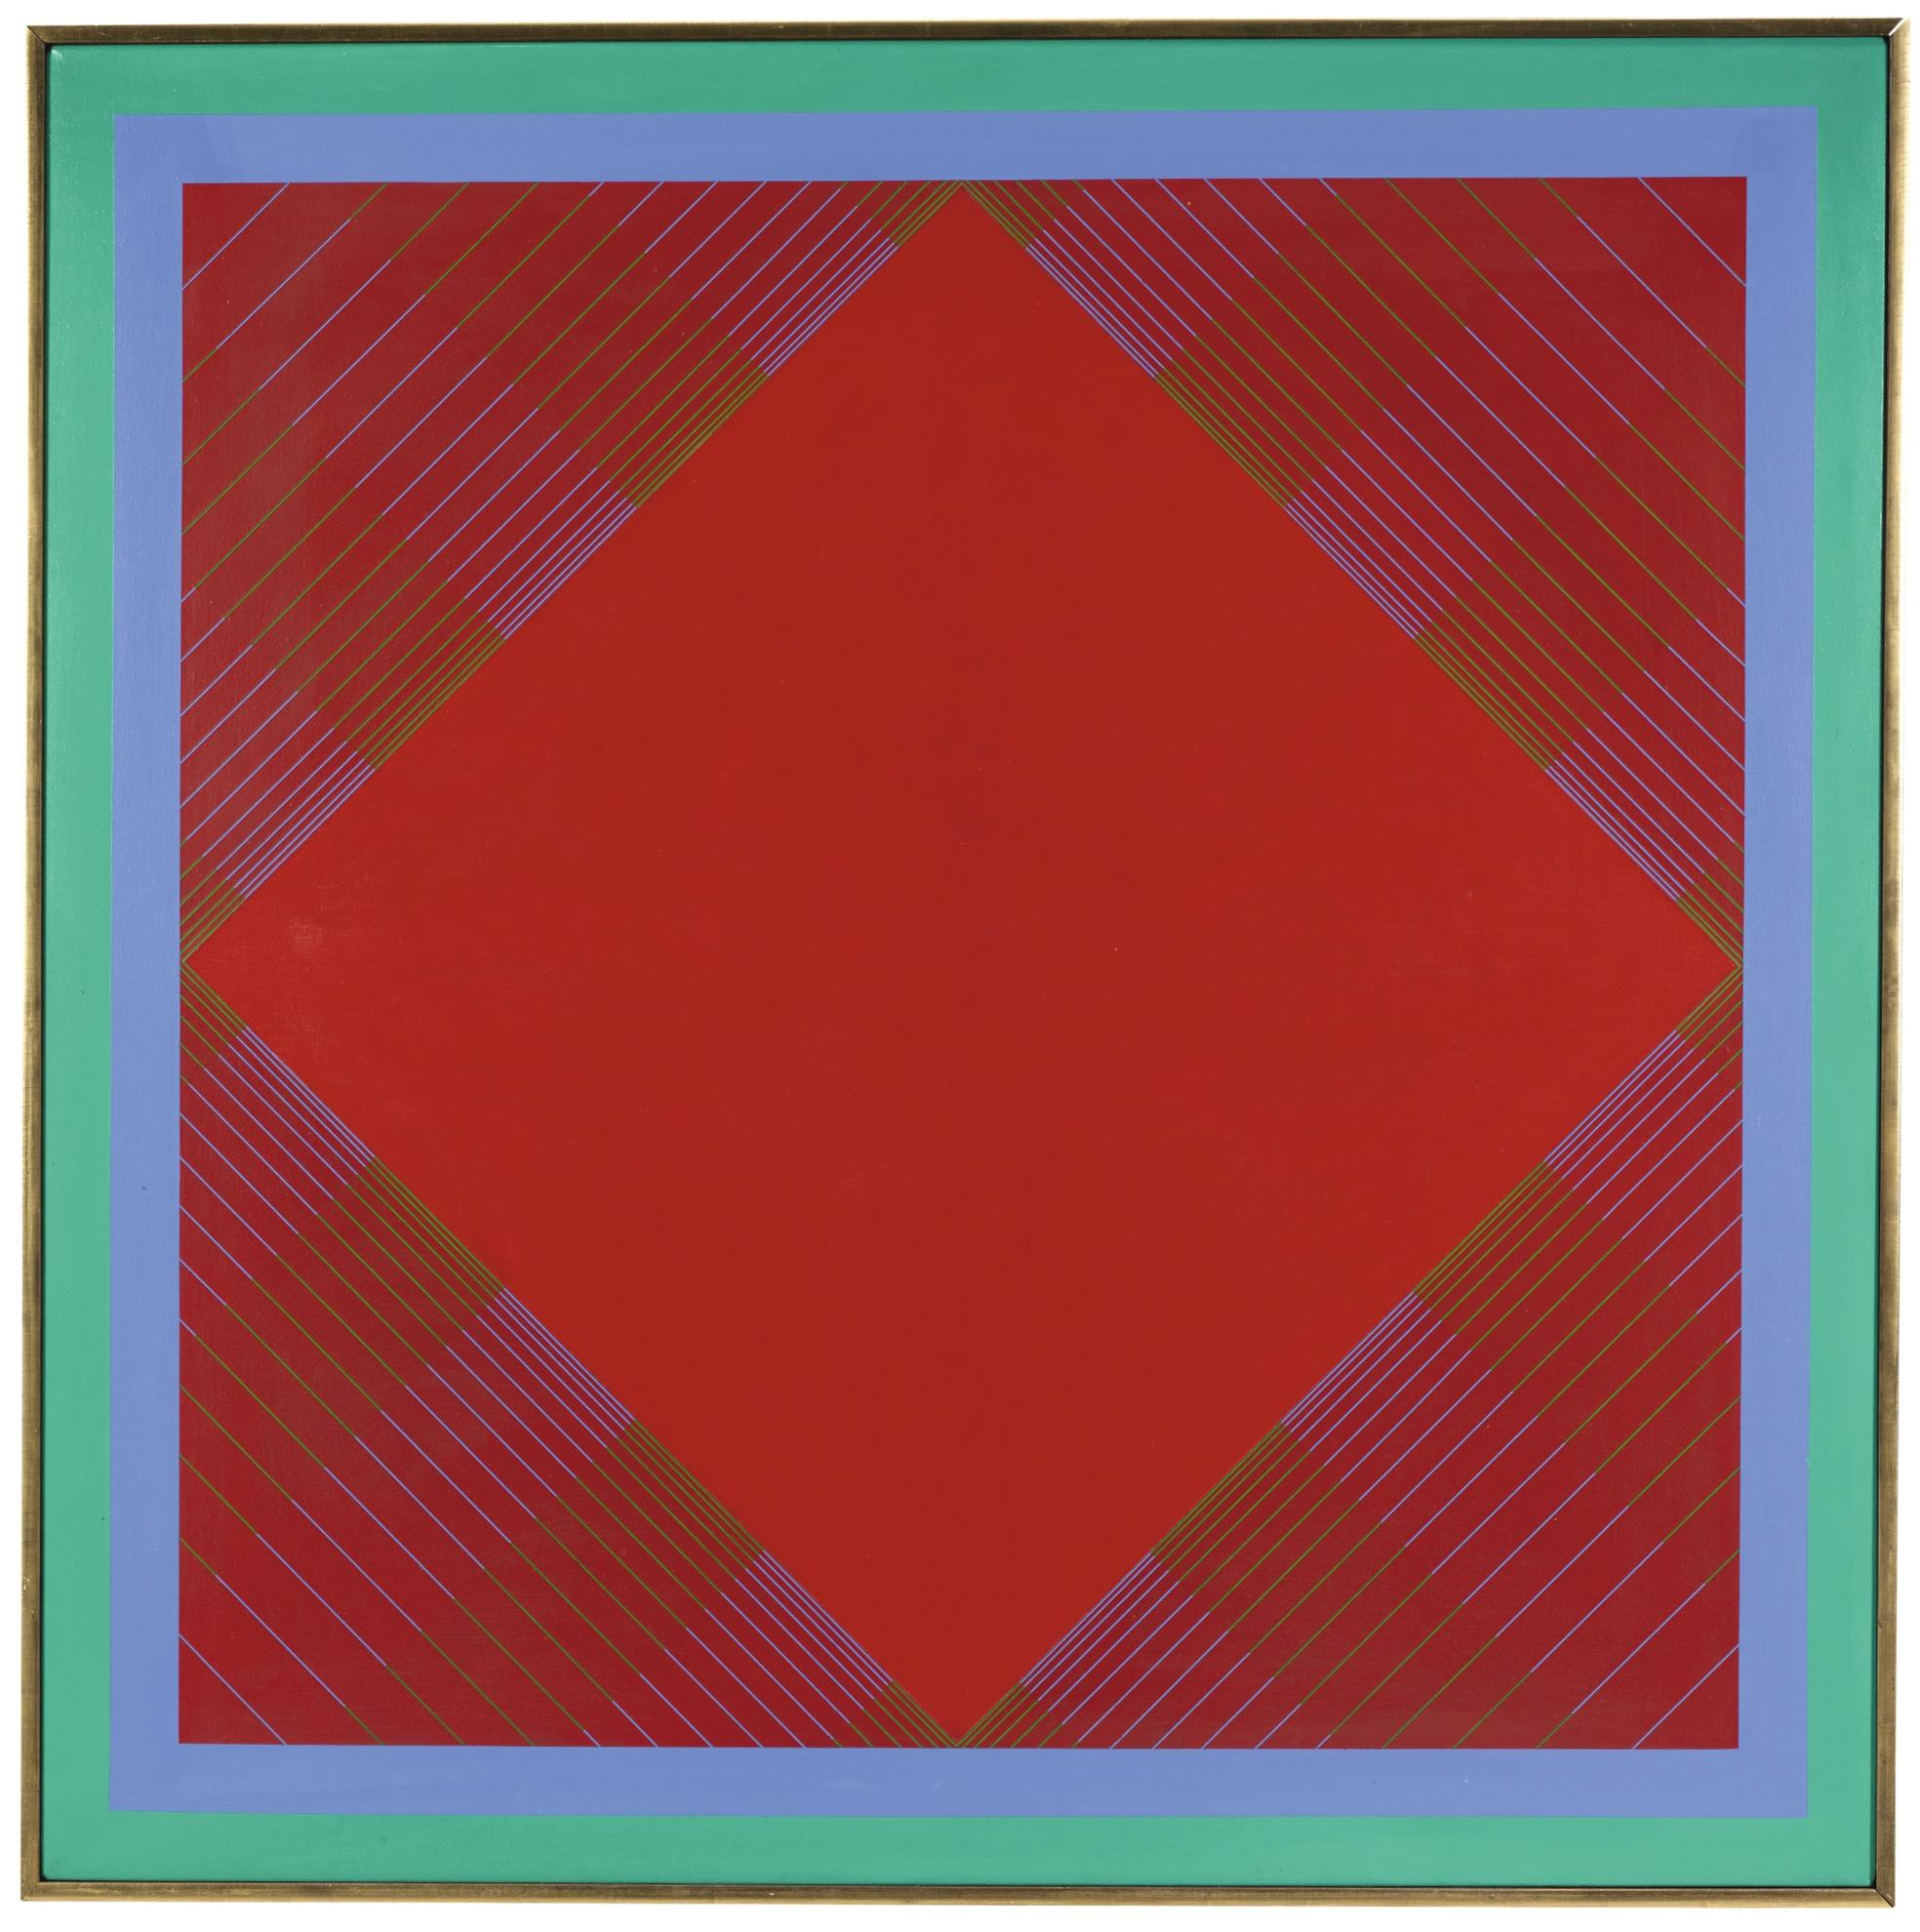 Richard Anuszkiewicz-Radial-1965